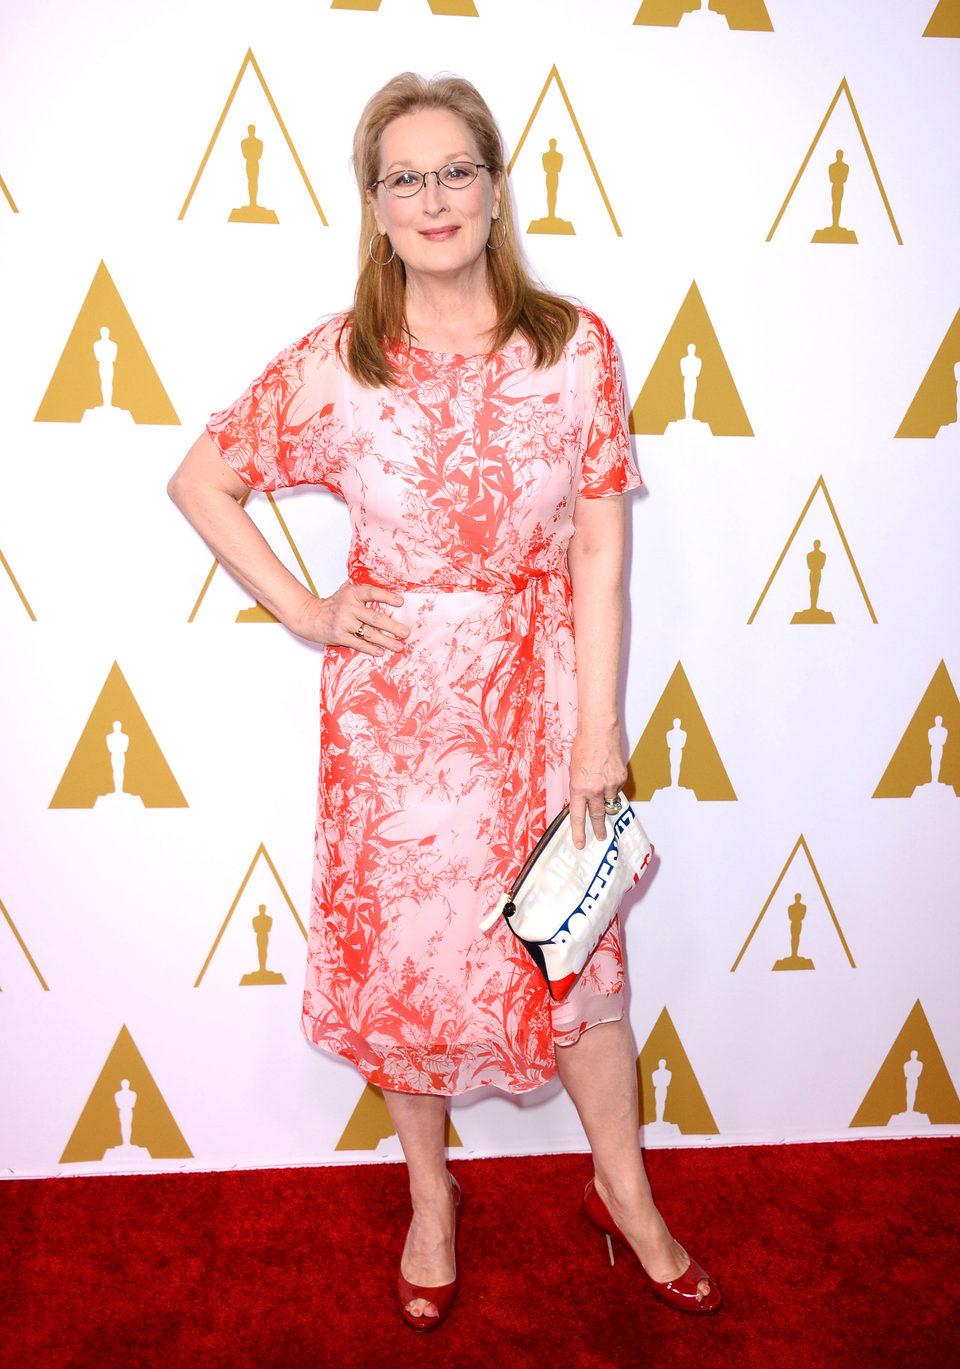 Meryl Streep en el almuerzo de los nominados a los Premios Oscar 2014